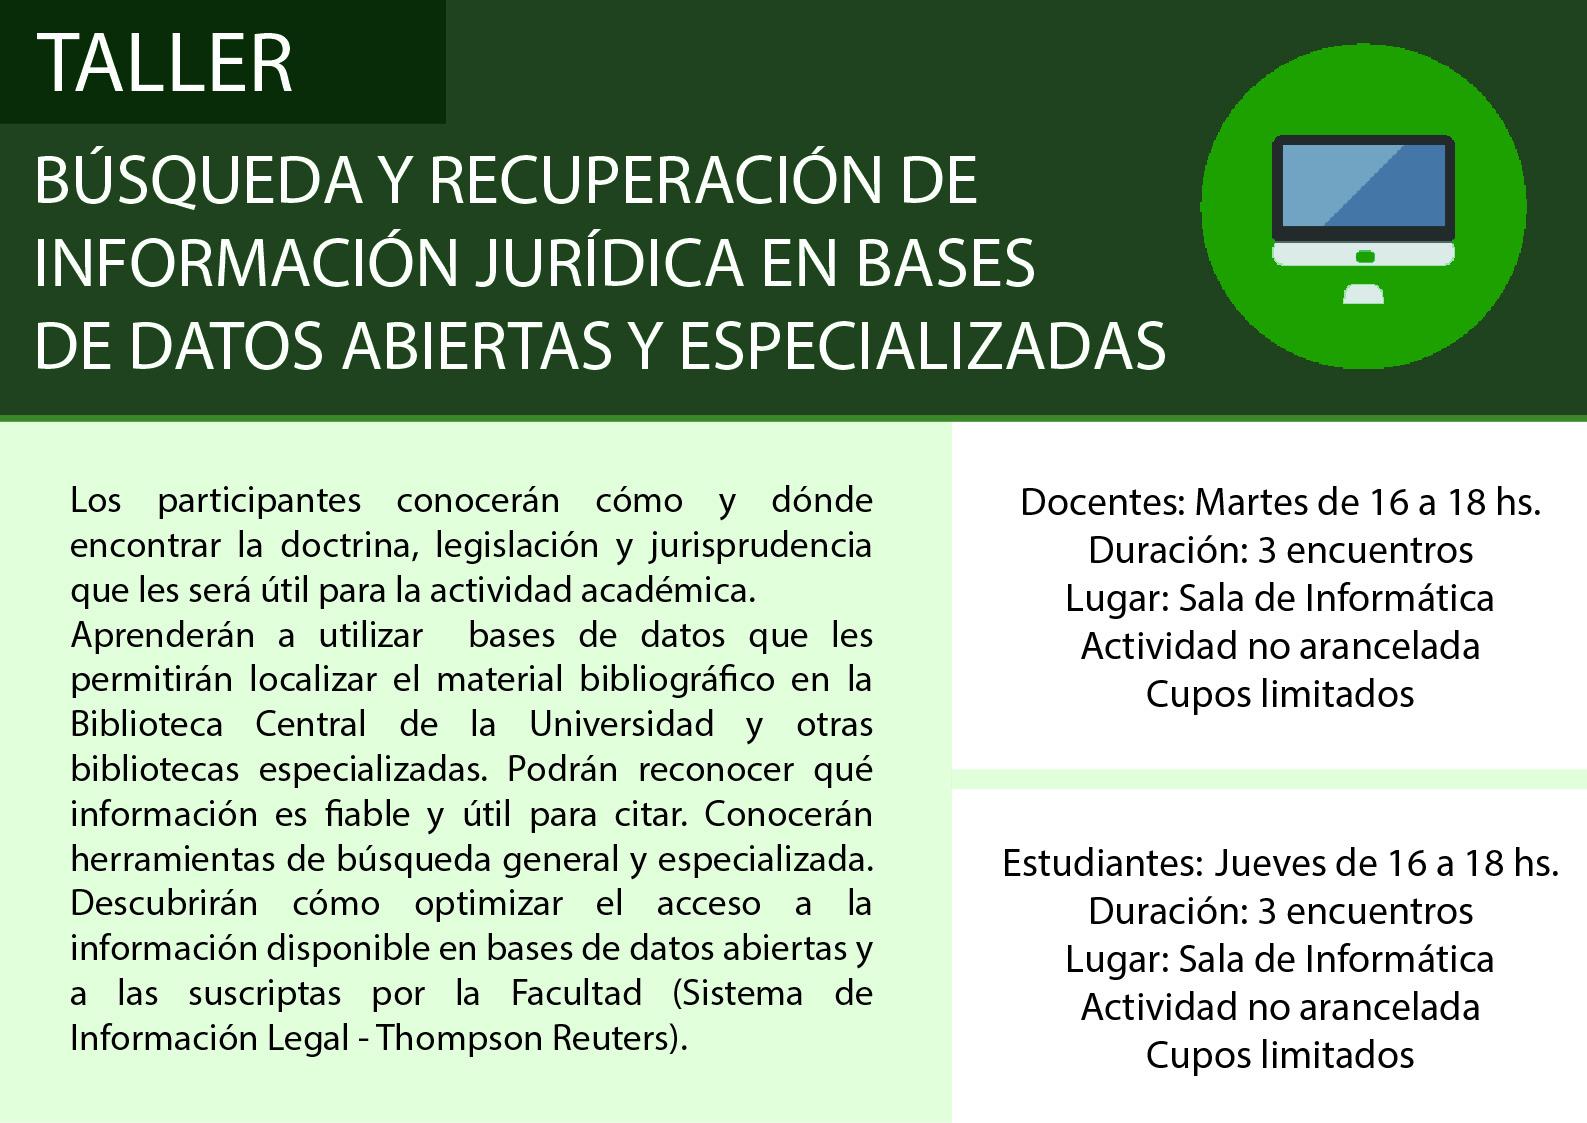 Taller de búsqueda y recuperación de información jurídica en bases de datos abiertas y especializadas